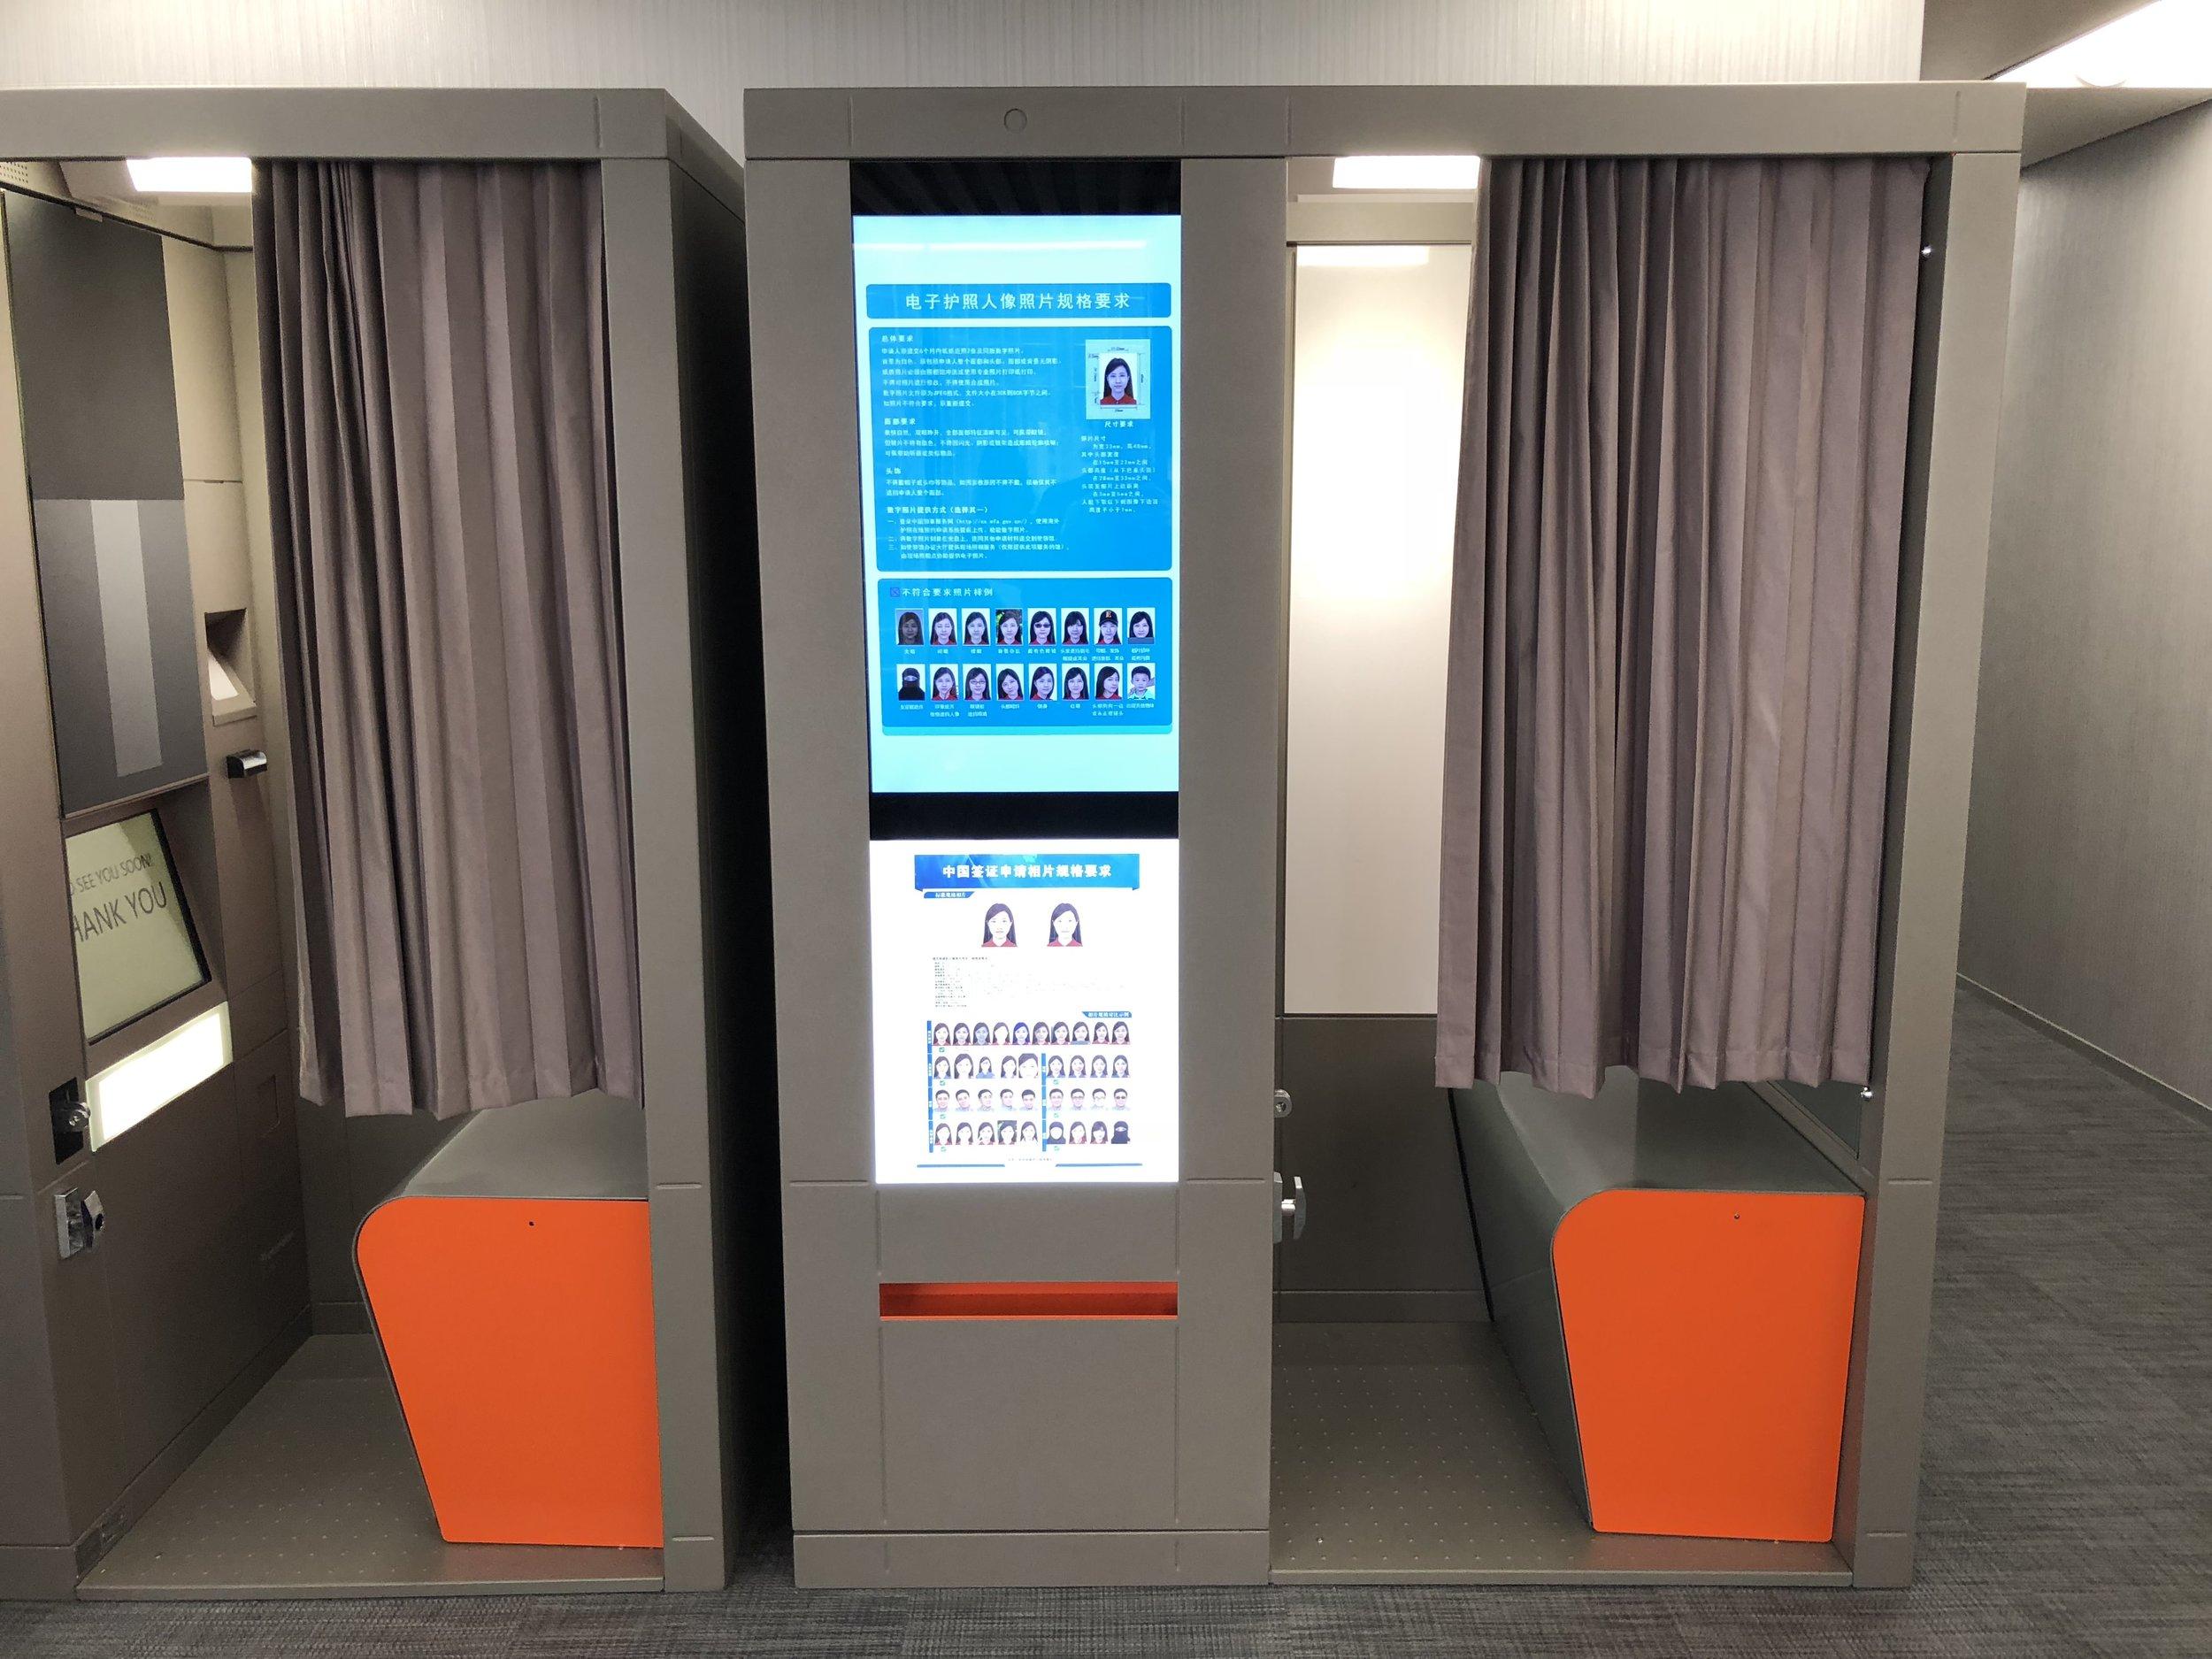 Der Fotoautomat gibt kein Wechselgeld, 50 HKD mitbringen!